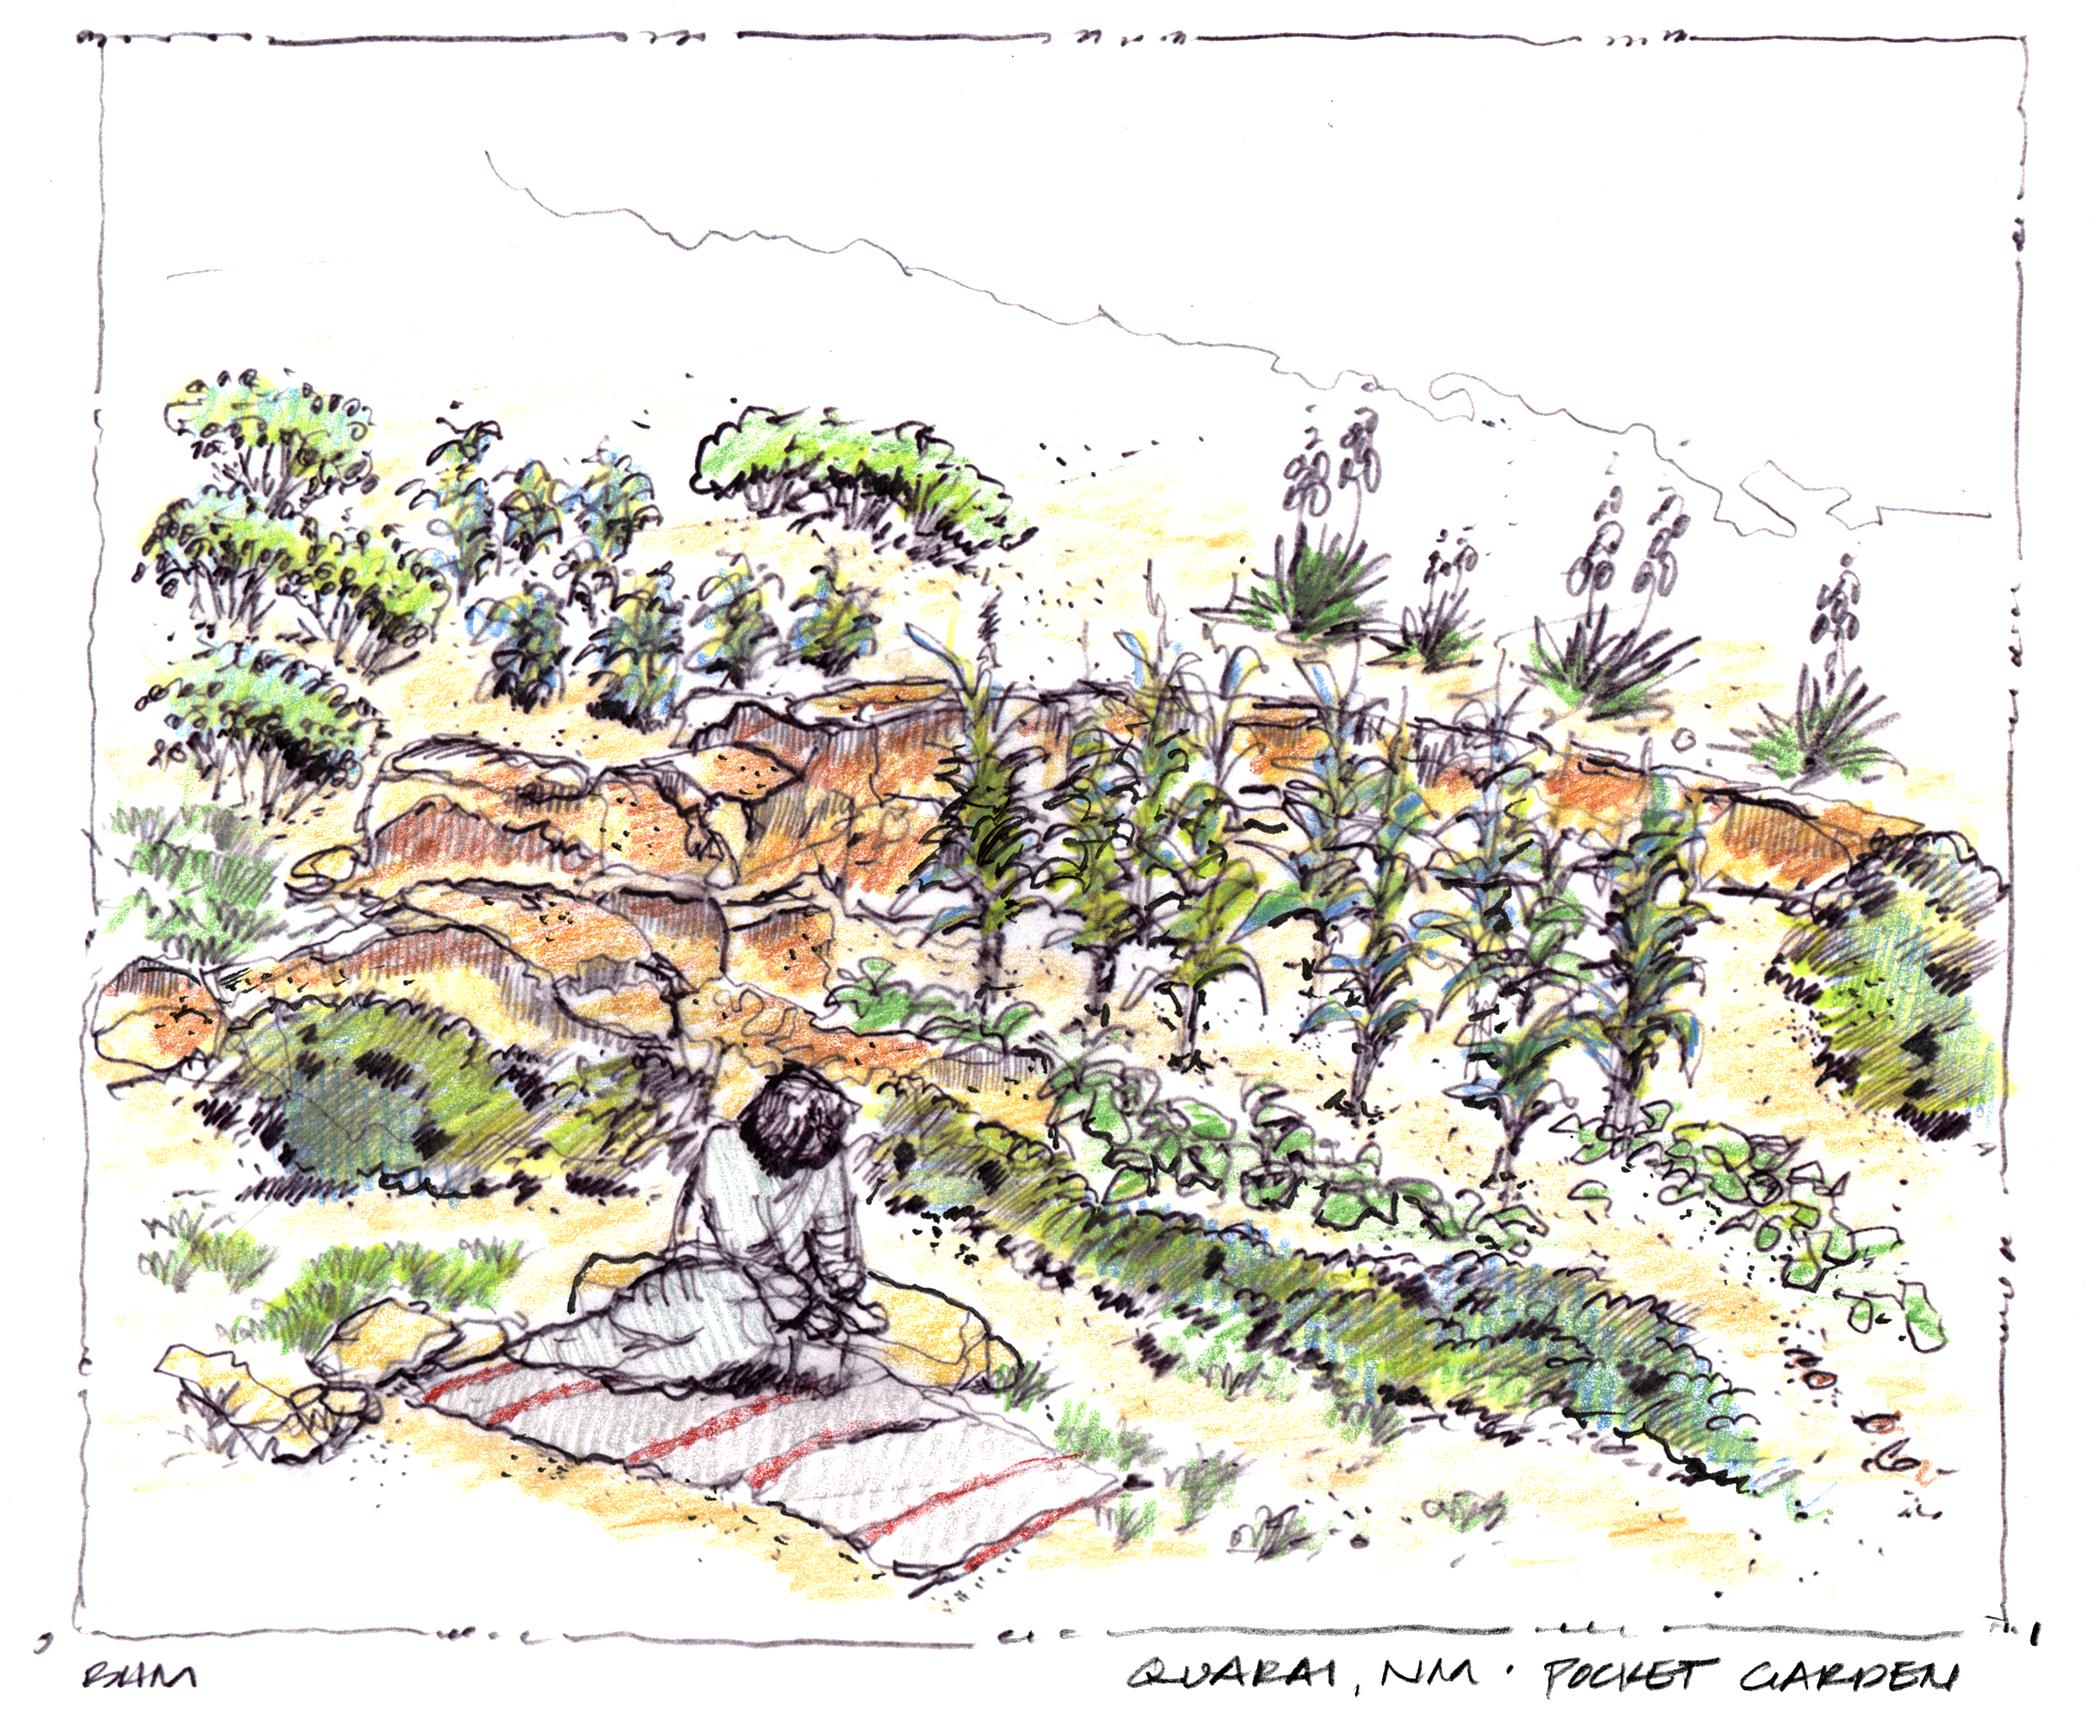 Sketch of a traditional 'pocket garden' at Salinas Pueblo Misssions